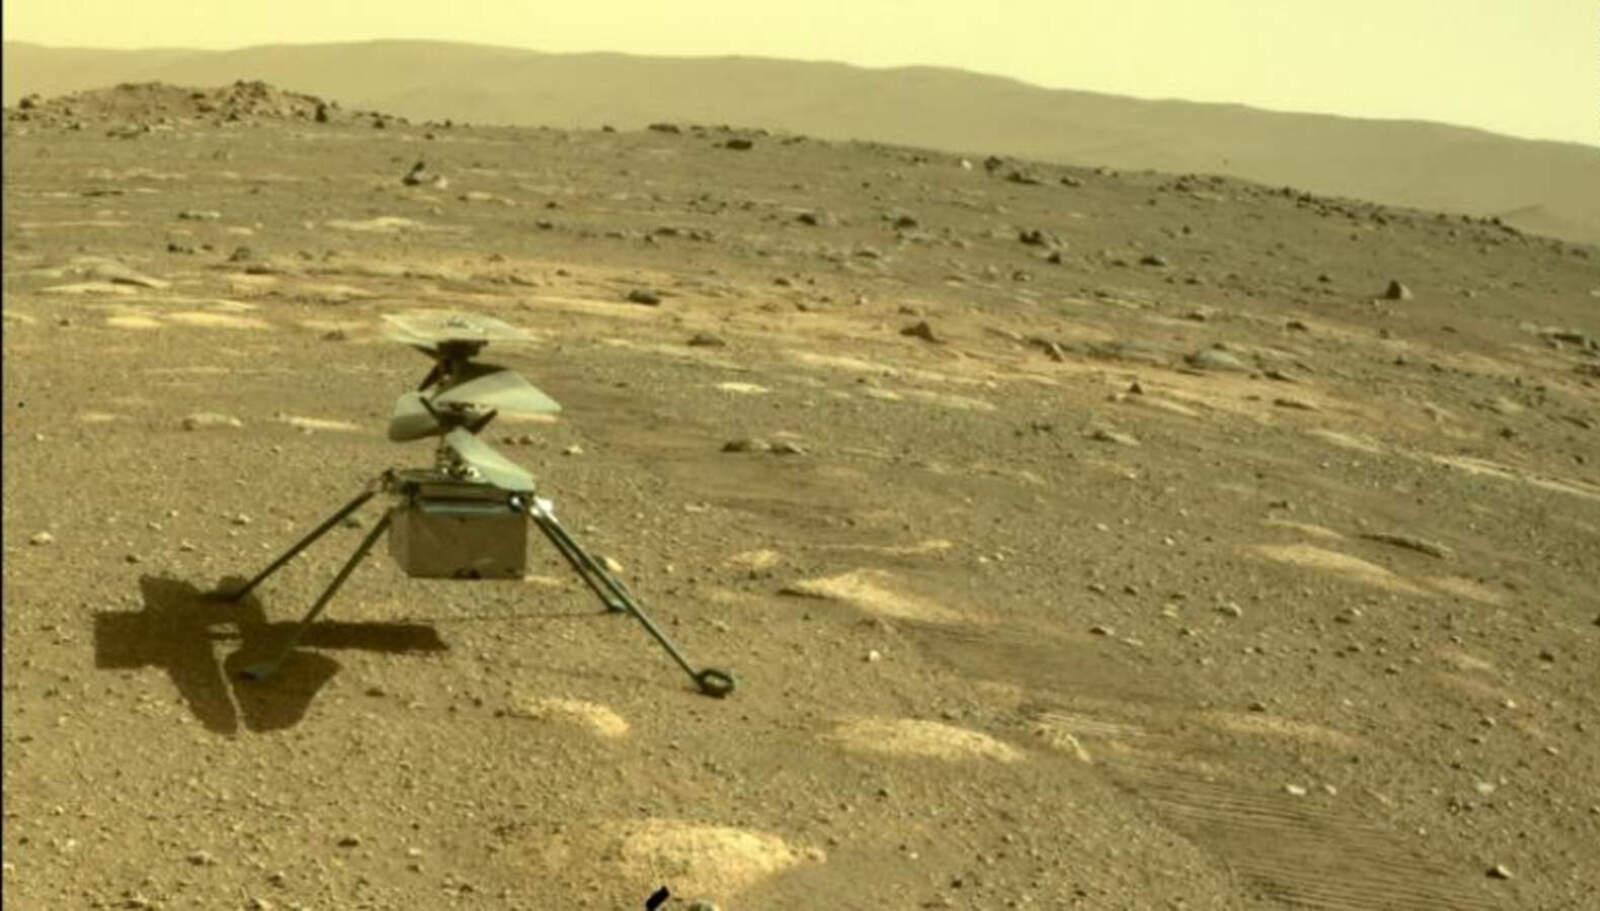 L'helicòpter Ingenuity a la superfície de Mart, en una imatge captada pel vehicle Perseverance | NASA